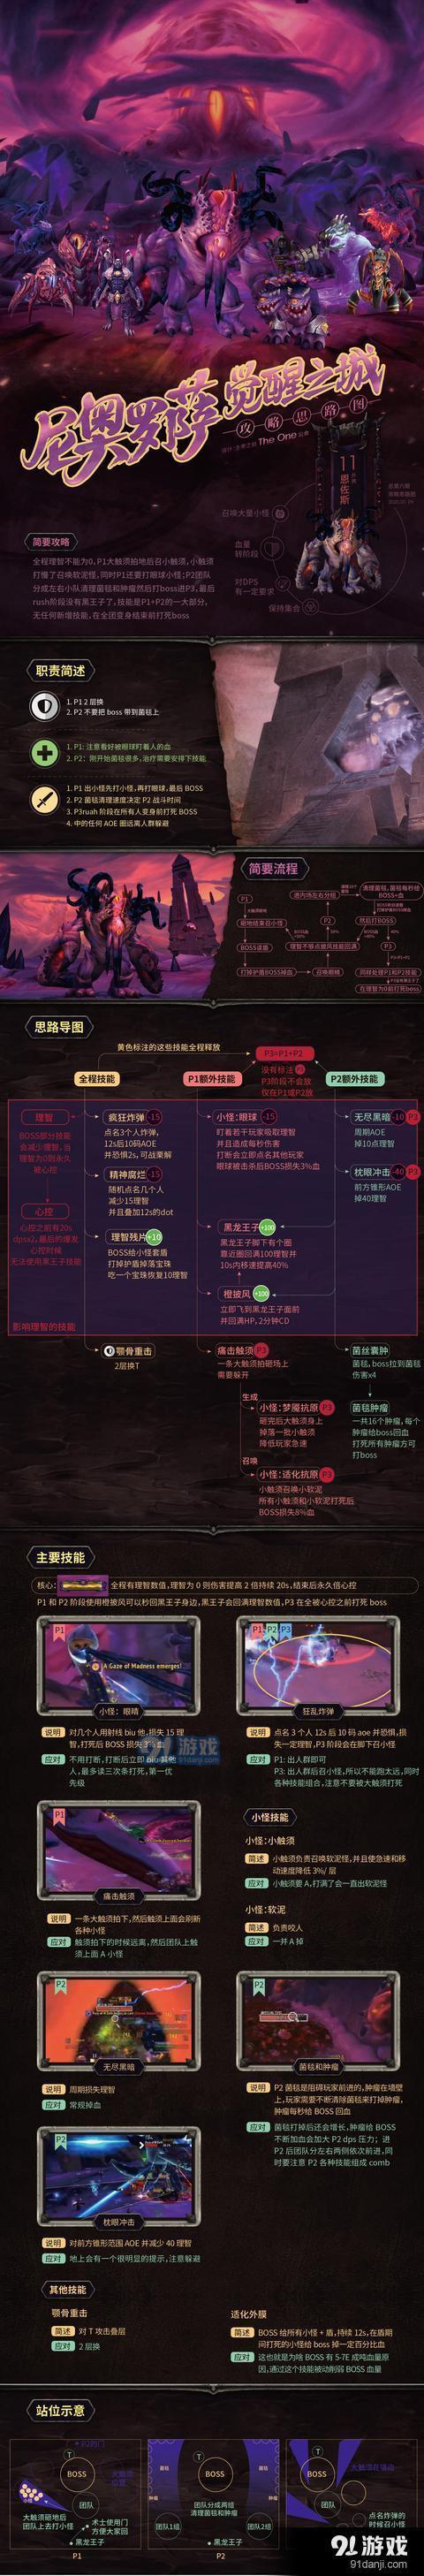 《魔兽世界》8.3尼奥罗萨觉醒之城通关攻略